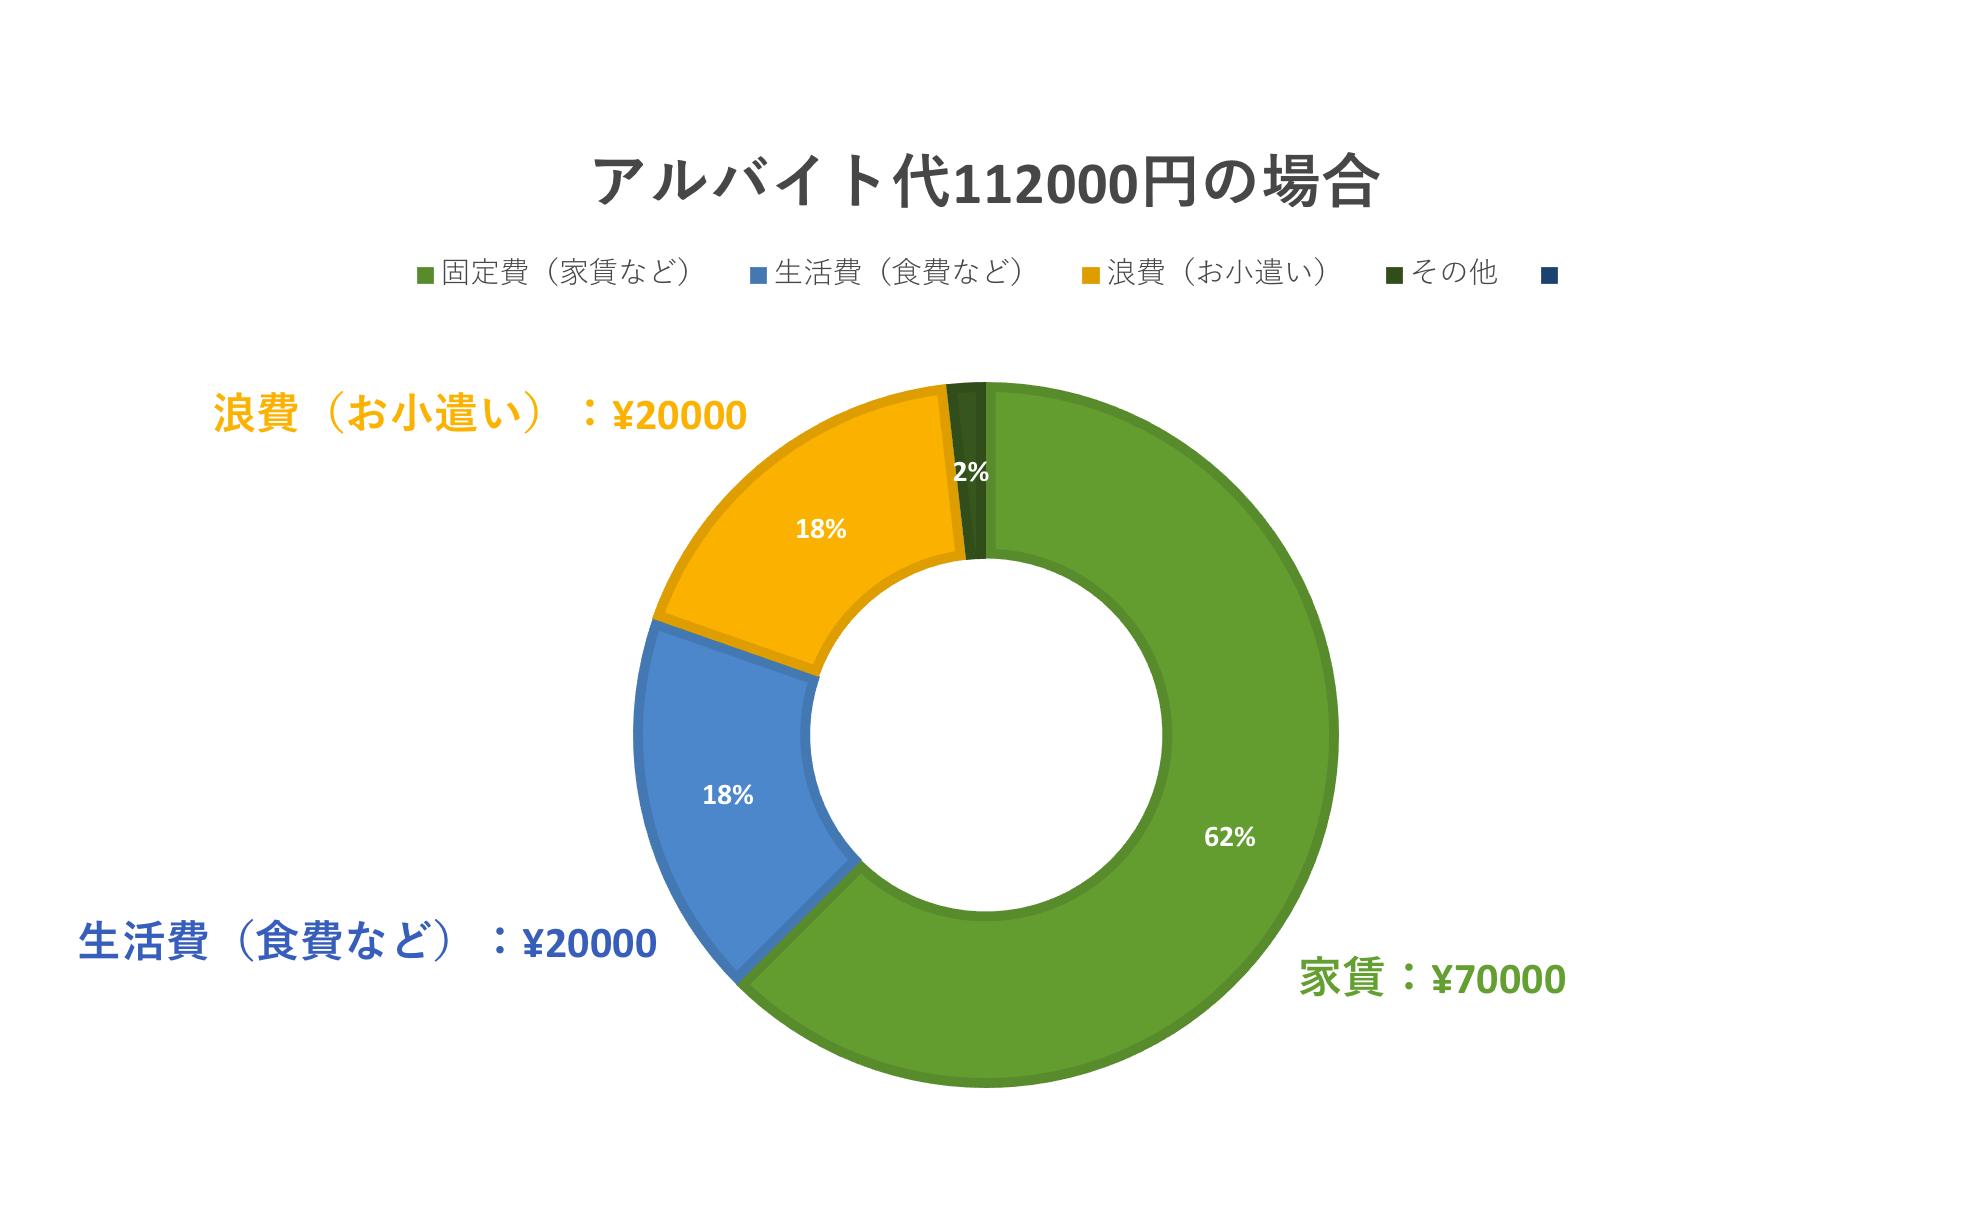 アルバイト代の使い道 家賃:¥70000、生活費:¥20000、浪費:¥20000